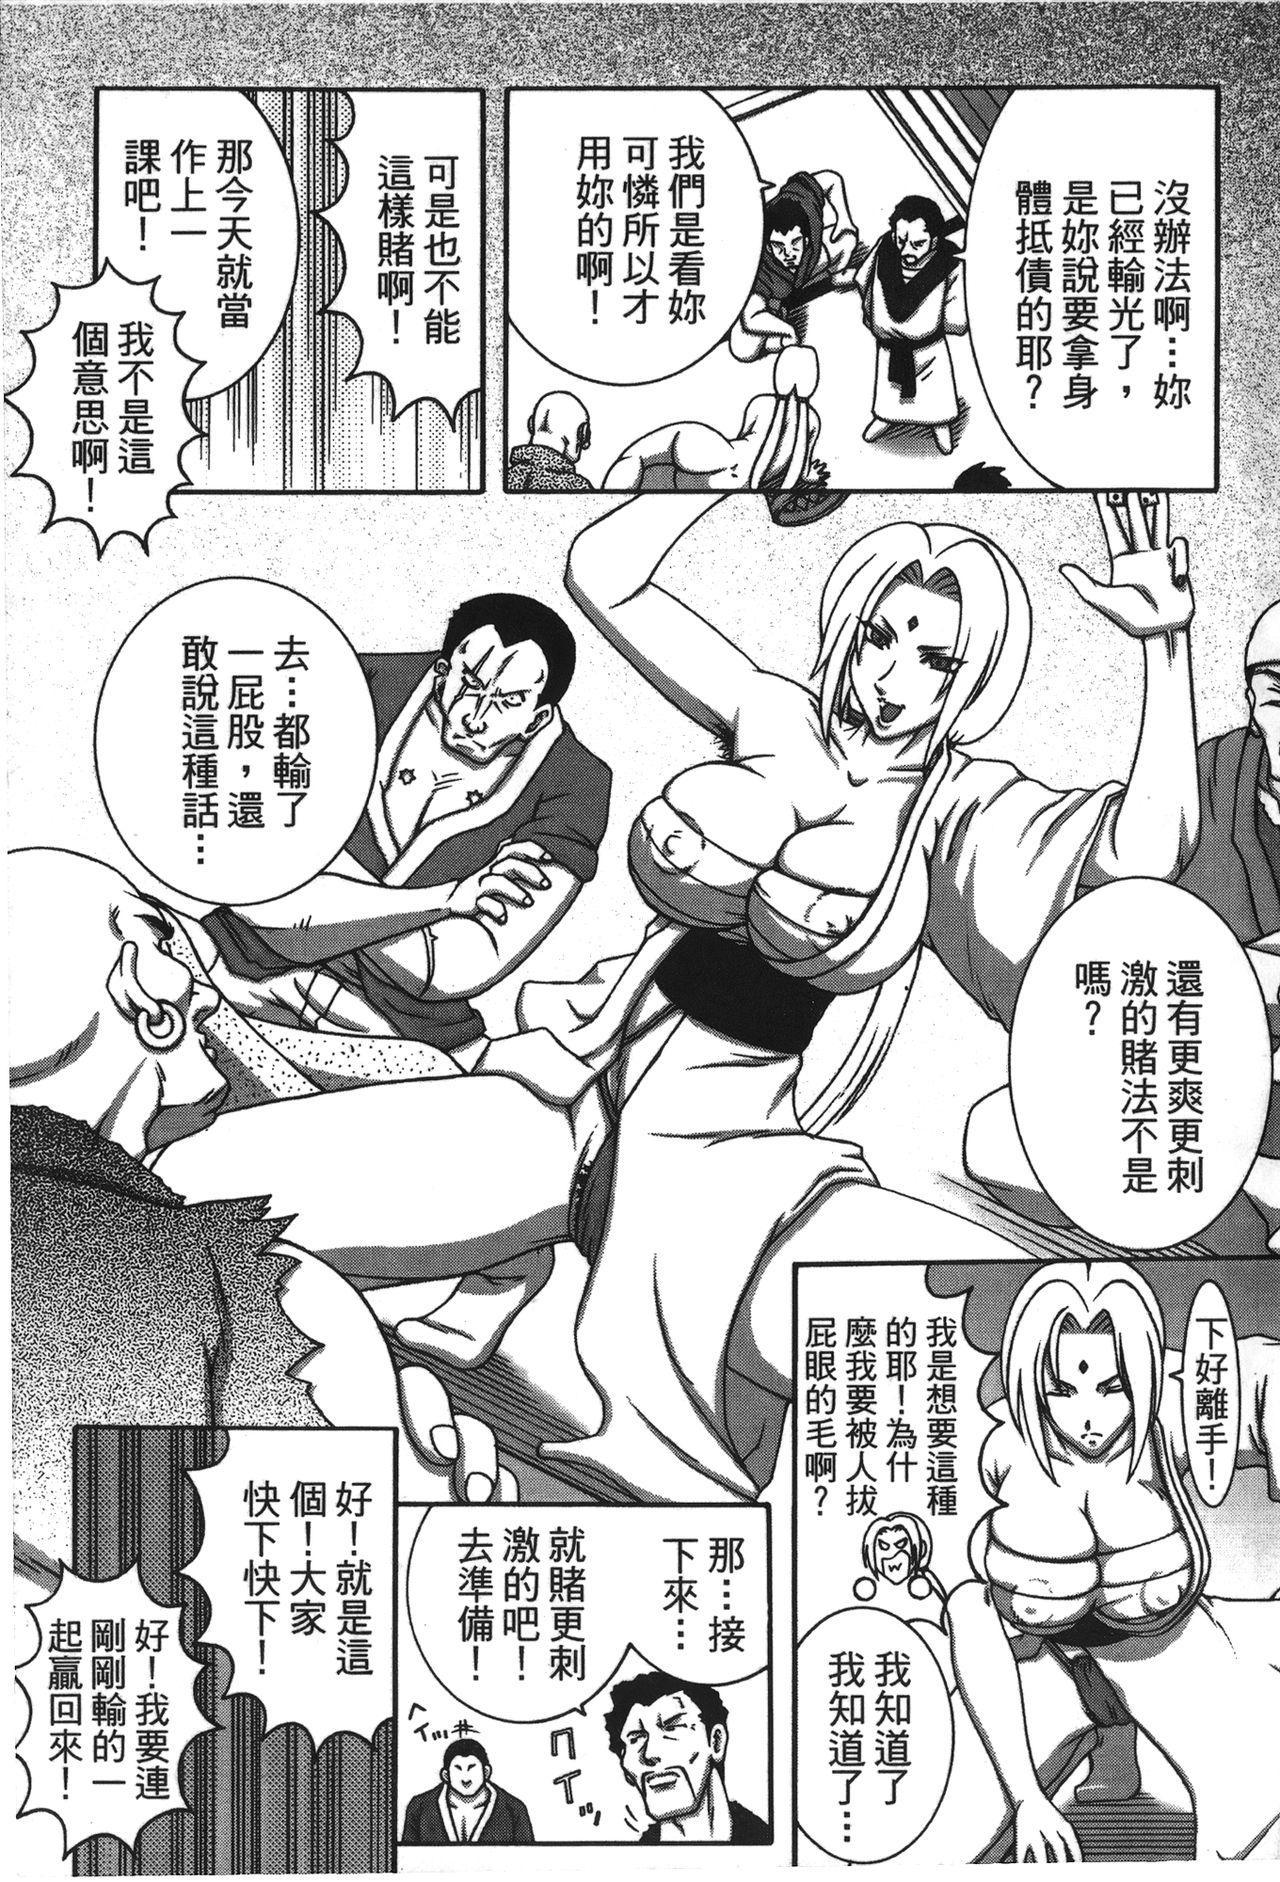 naruto ninja biography vol.02 5